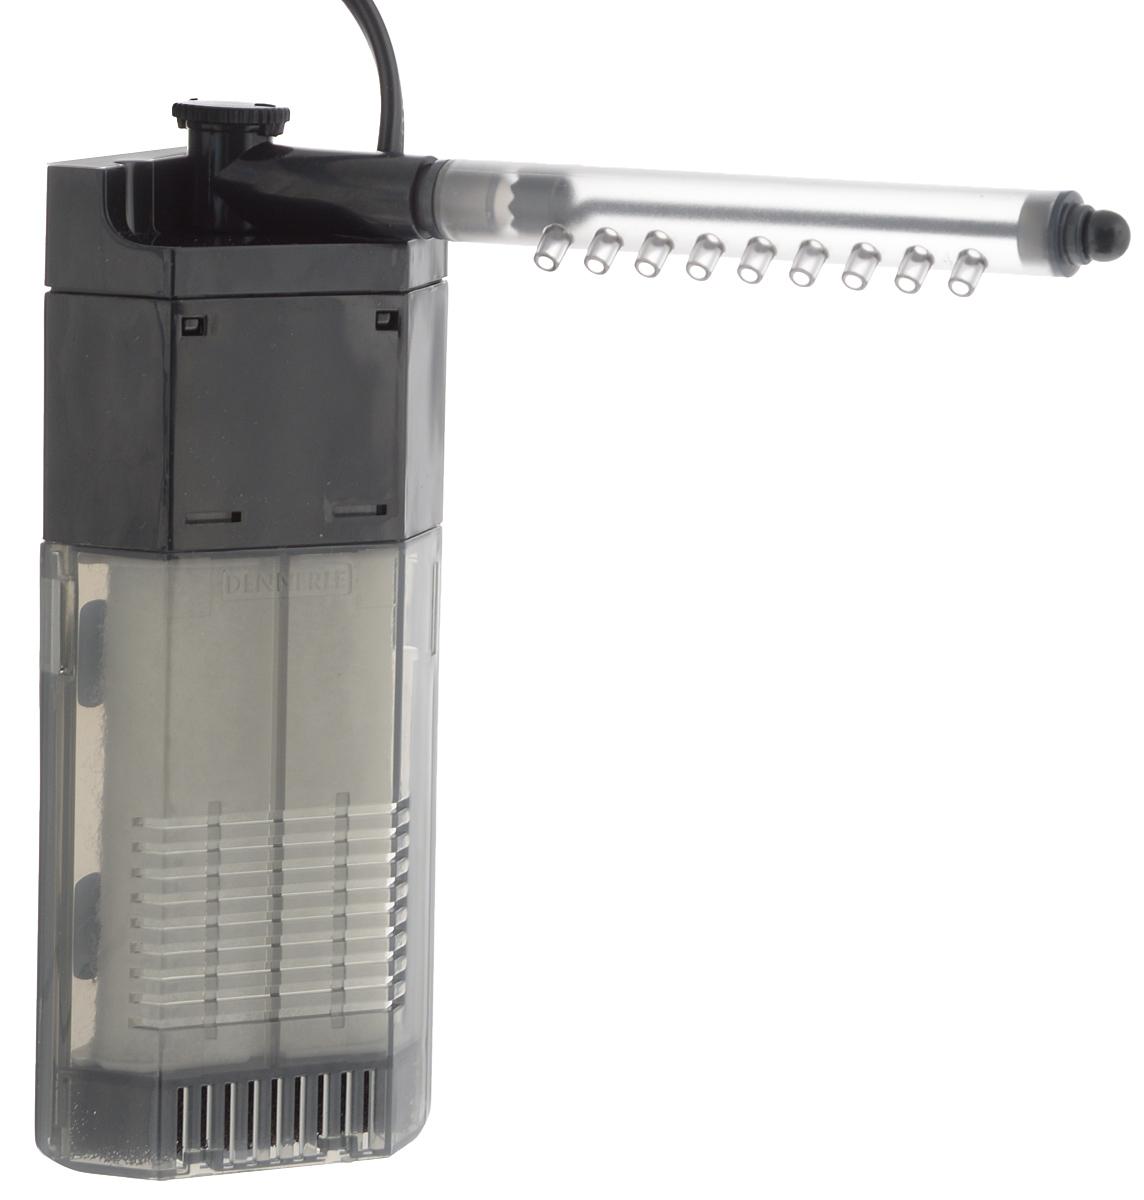 Фильтр для аквариумов Dennerle Nano Clean Eckfilter, угловой, 150 л/ч, 2 ВтDEN5925Dennerle Nano Clean Eckfilter – это мощный угловой фильтр с насосом производительностью 150 литров в час. Помпа работает так ровно и тихо, что ее практически не слышно. Энергопотребление составляет всего 2 Вт, что сохраняет природные ресурсы. Поток воды можно плавно регулировать и направлять при помощи поворотной форсунки на 90° в любую сторону. Фильтр оснащён форсункой со встроенной заслонкой и миниатюрной щёткой для её очистки. Благодаря узким заборным отверстиям и тонкопористой губке предварительной фильтрации Dennerle Nano Clean Eckfilter также безопасен для молоди креветок. Чистить фильтрующие элементы очень легко: просто возьмитесь за трубку слива и потяните вперёд. Задняя часть корпуса фильтра останется в аквариуме. Чтобы избежать гибели важных фильтровальных бактерий, промойте фильтрующий элемент в чистом ведре с аквариумной водой.